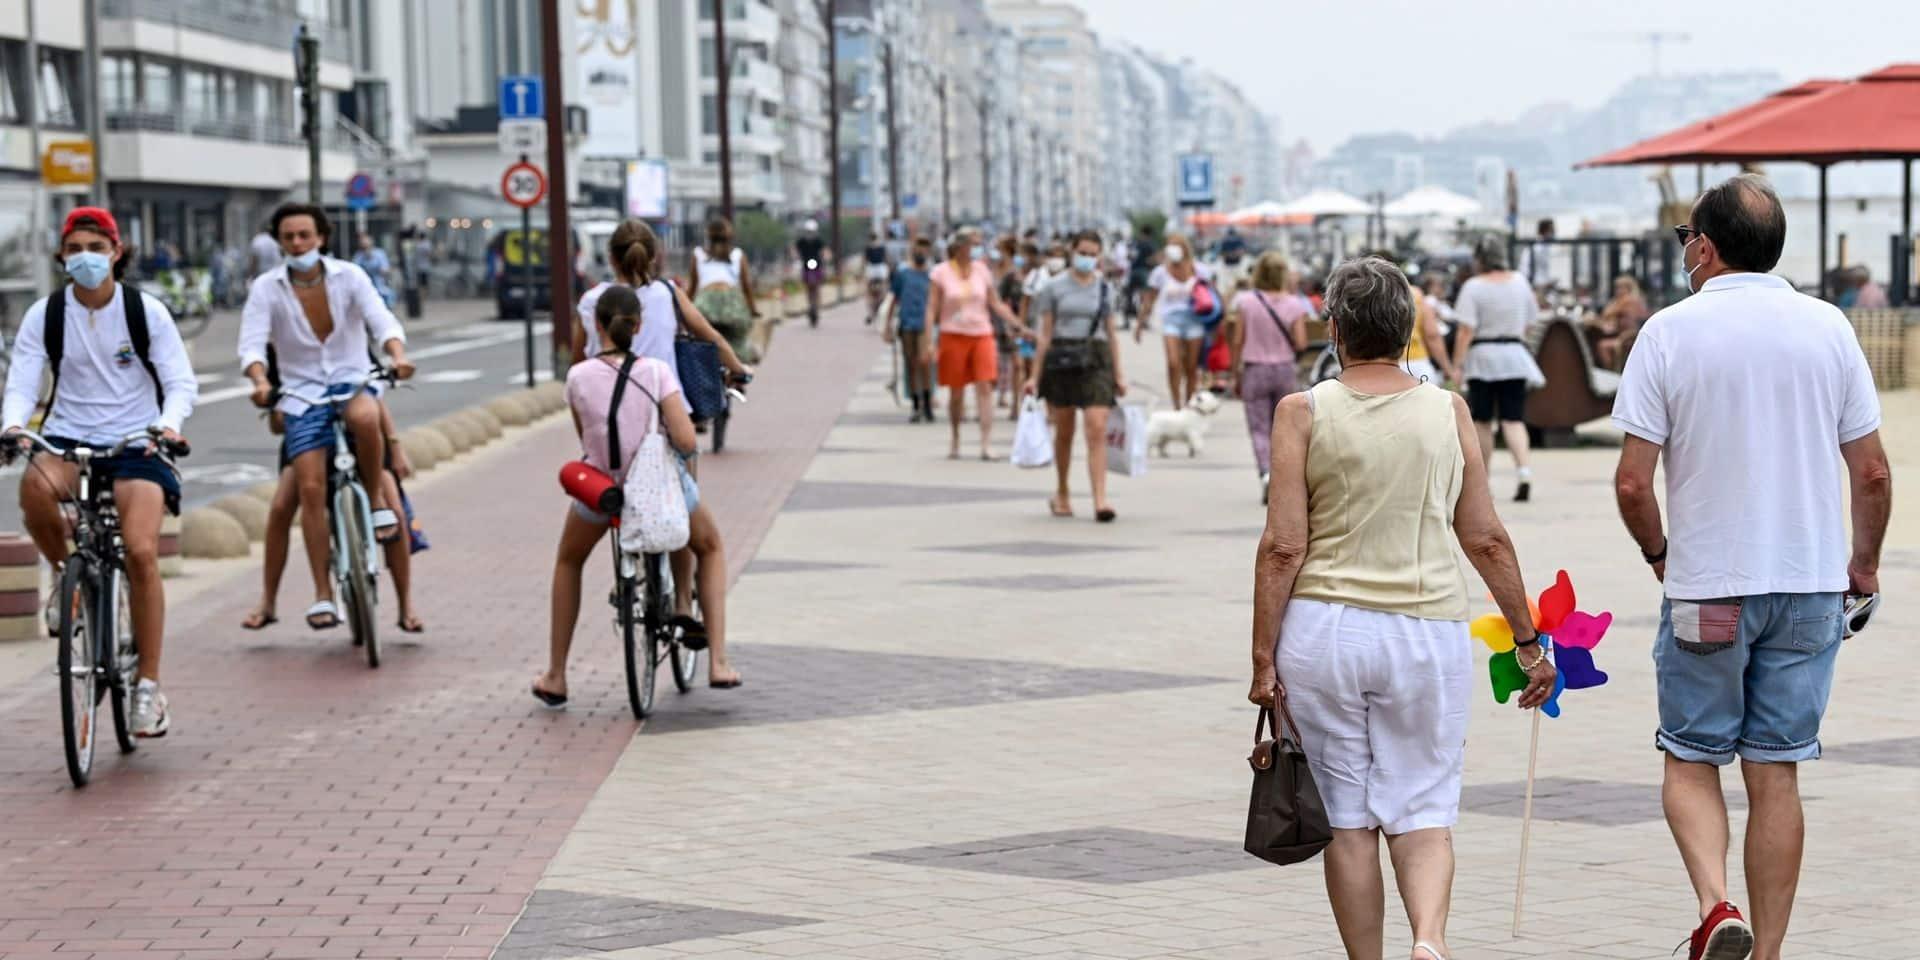 L'affluence à Knokke-Heist reste modérée malgré le retour des touristes d'un jour